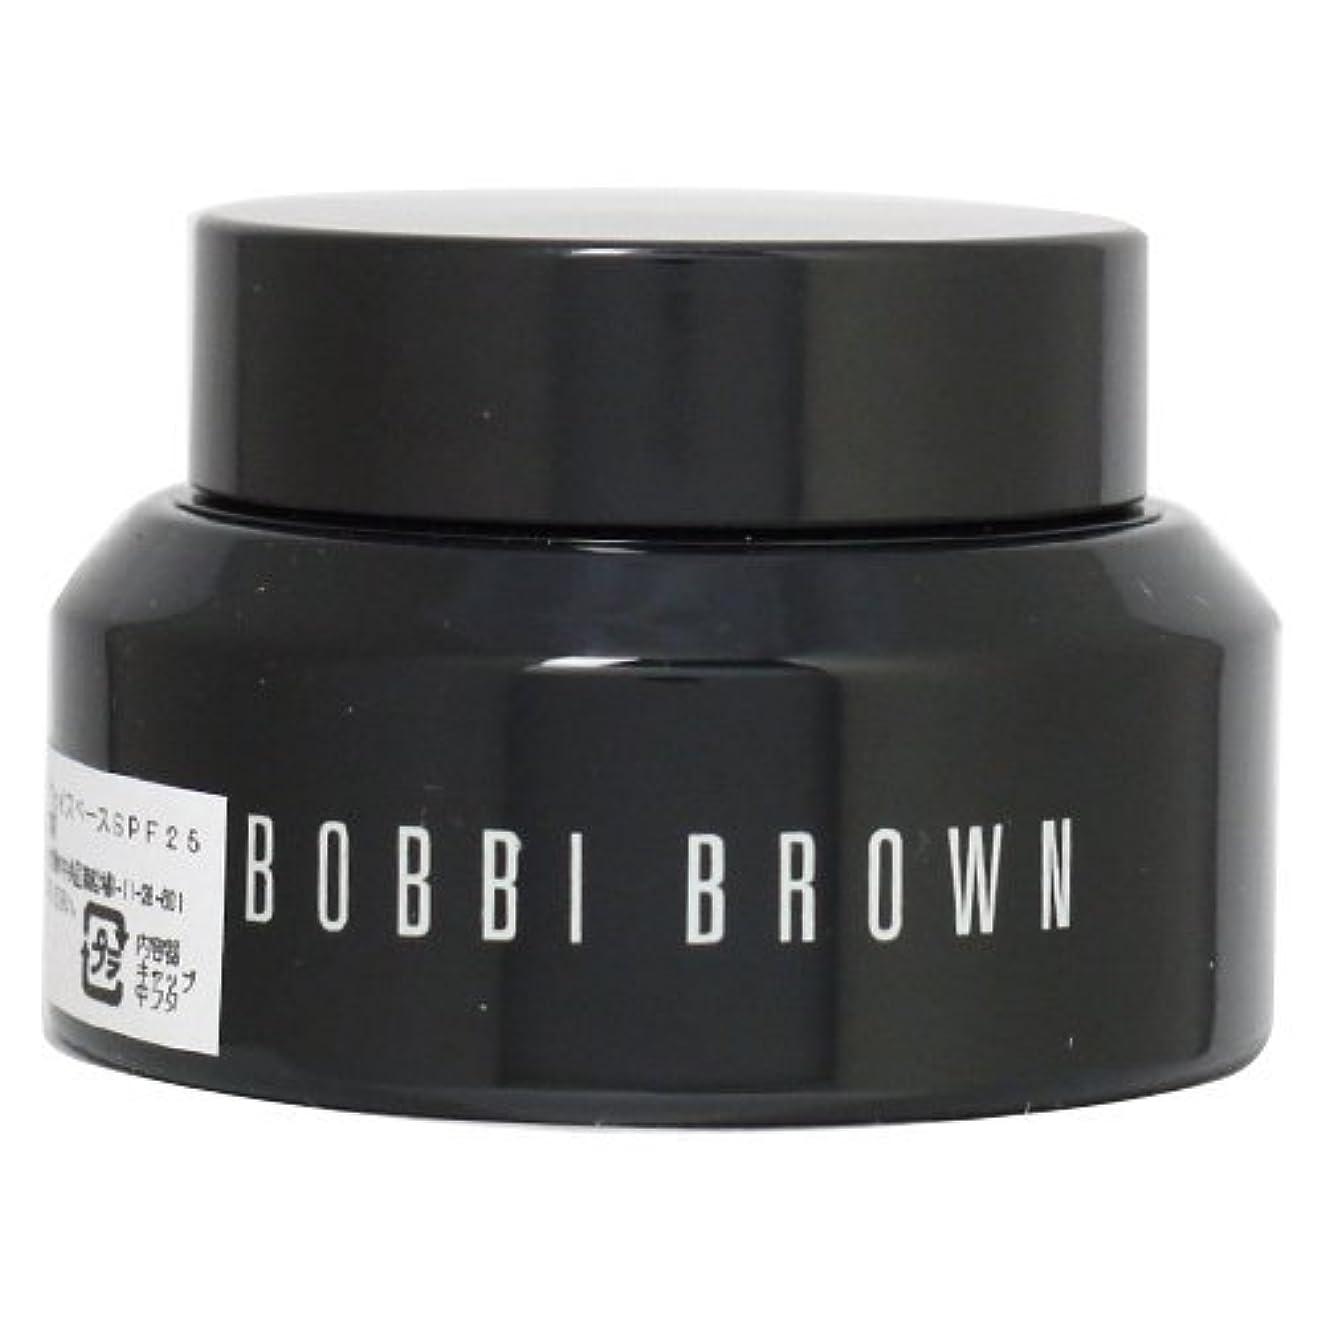 宣伝ラショナルプロトタイプボビーブラウン(BOBBI BROWN) イルミネイティング フェイスベース 30ml[並行輸入品]